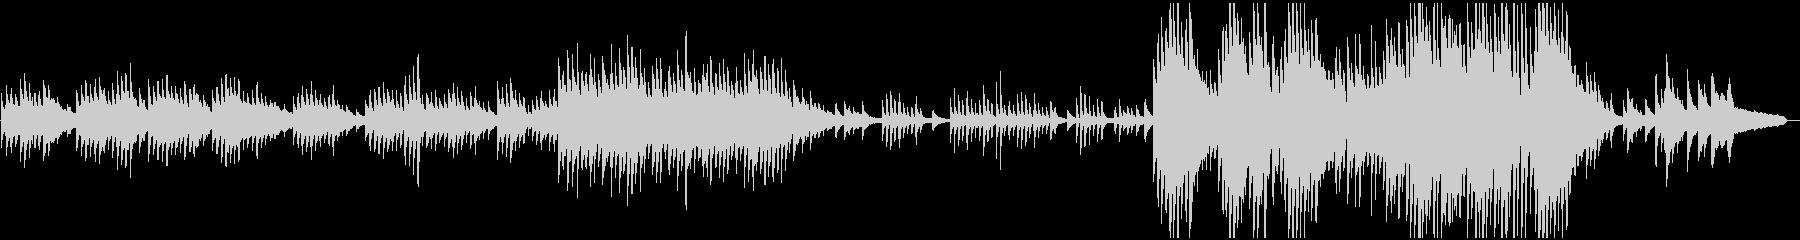 ピアノソロ:癒し系、エンディングの未再生の波形